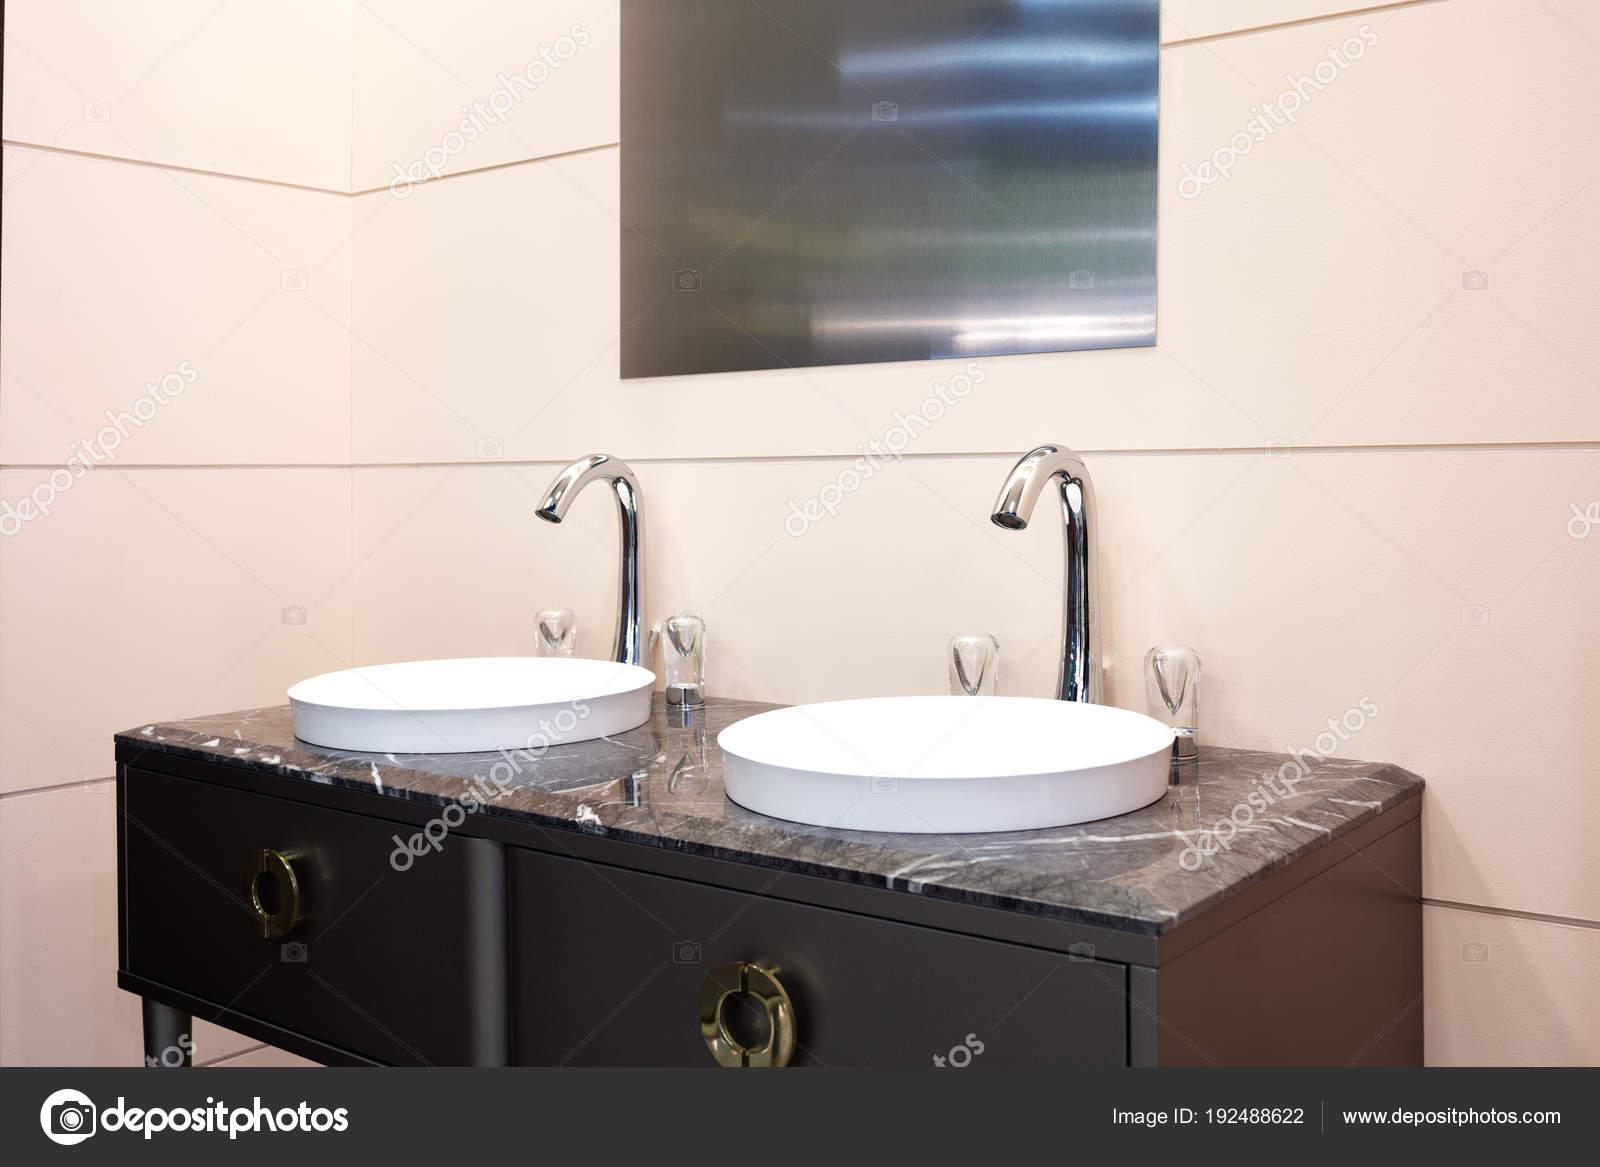 Badkamer modern interieur met twee wastafel kraan u stockfoto